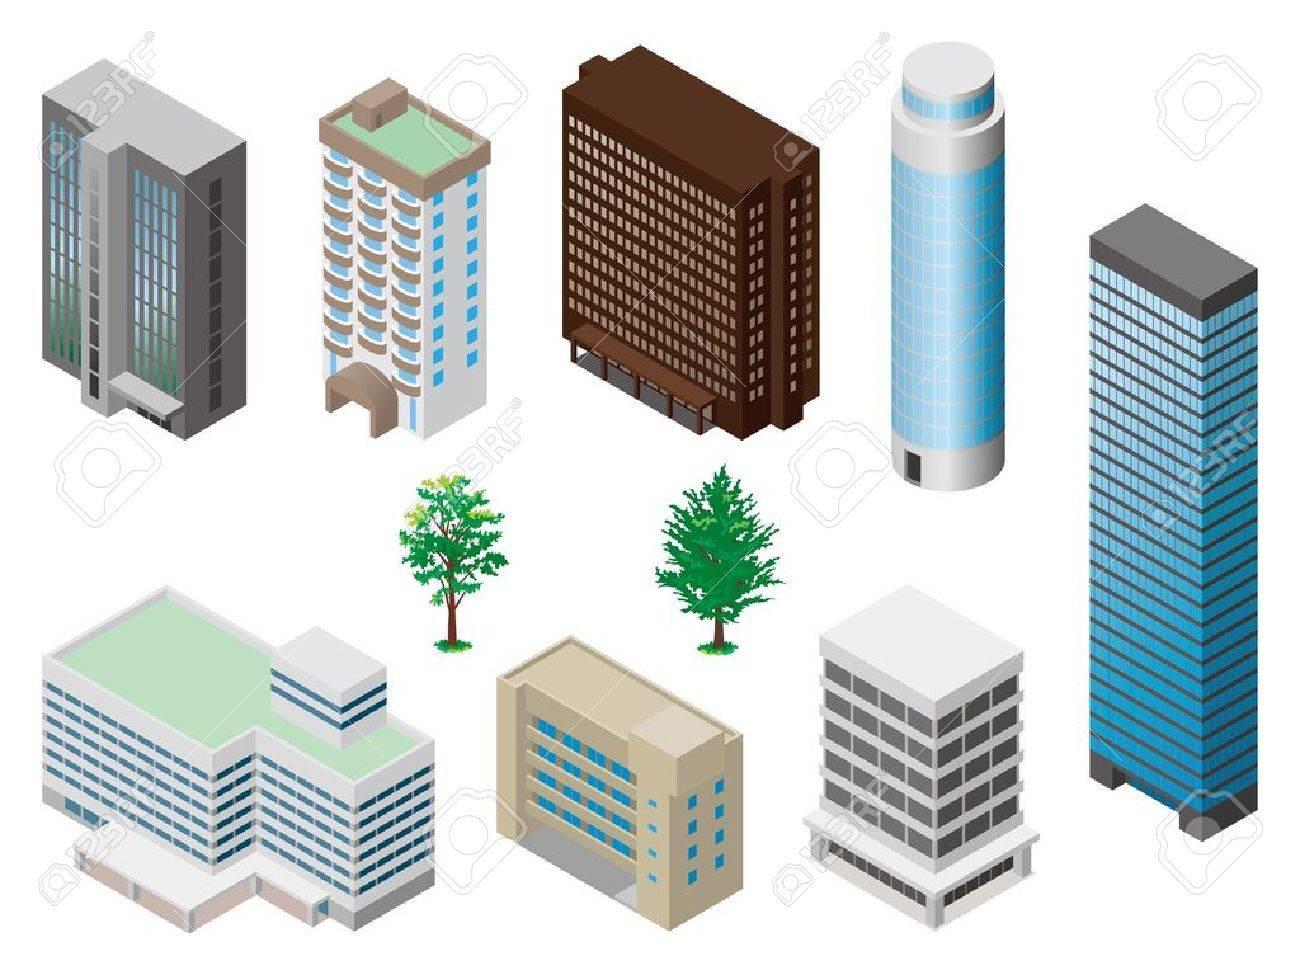 Models of buildings - 12219691